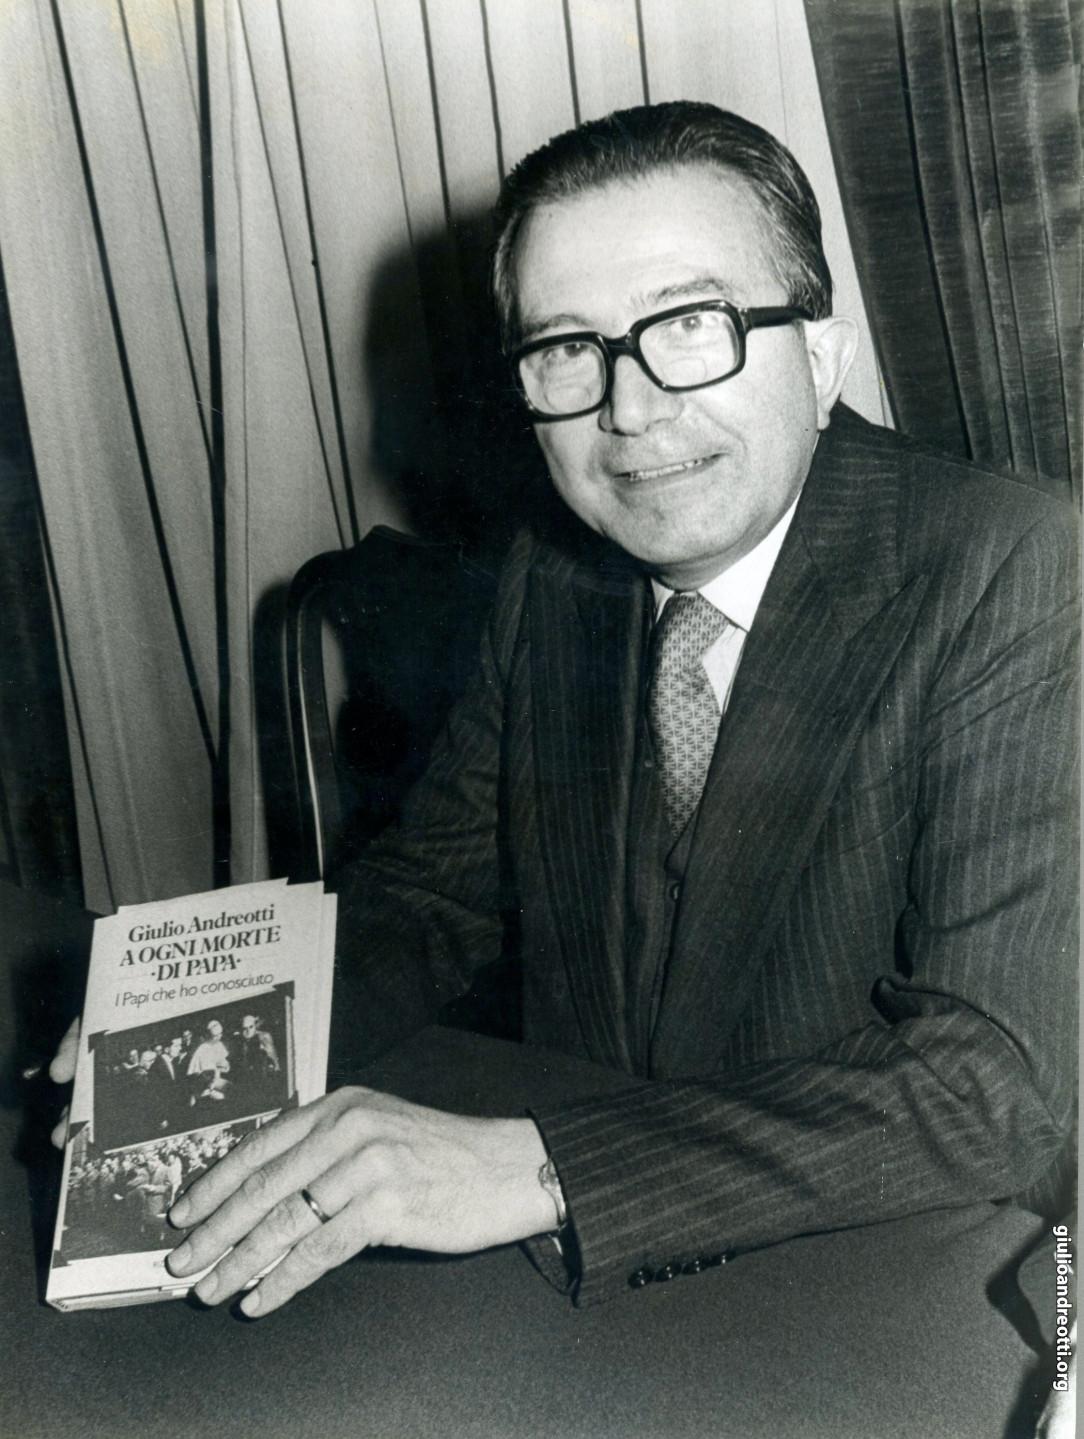 """1980. Presentazione del libro di Andreotti """"A ogni morte di papa"""" (foto Marcellino Radogna)"""